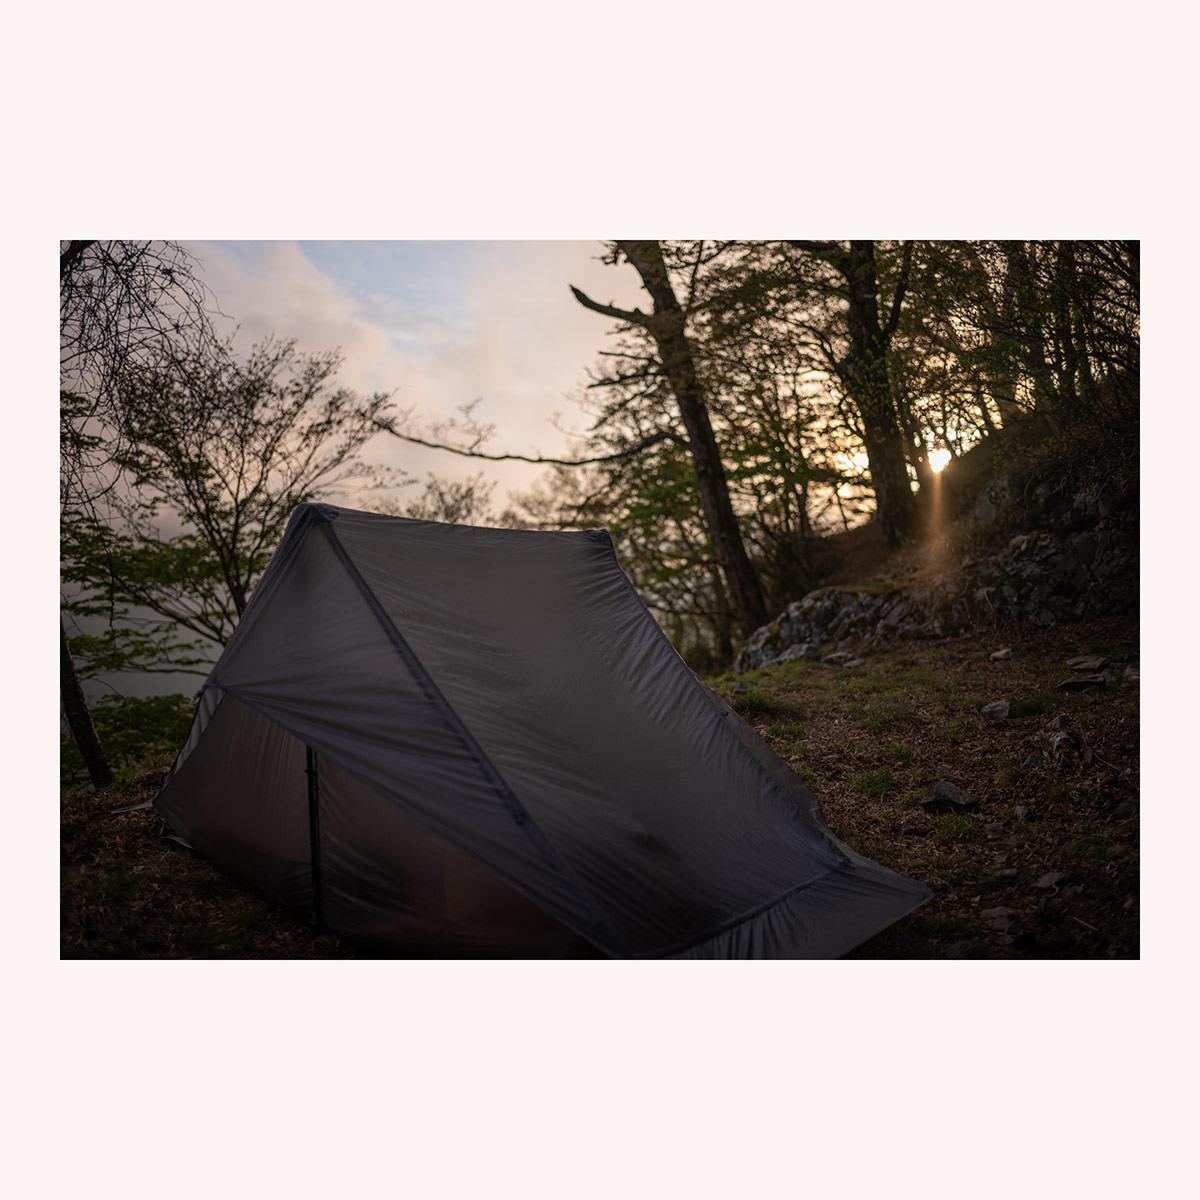 The One Gossamer Gear Tent